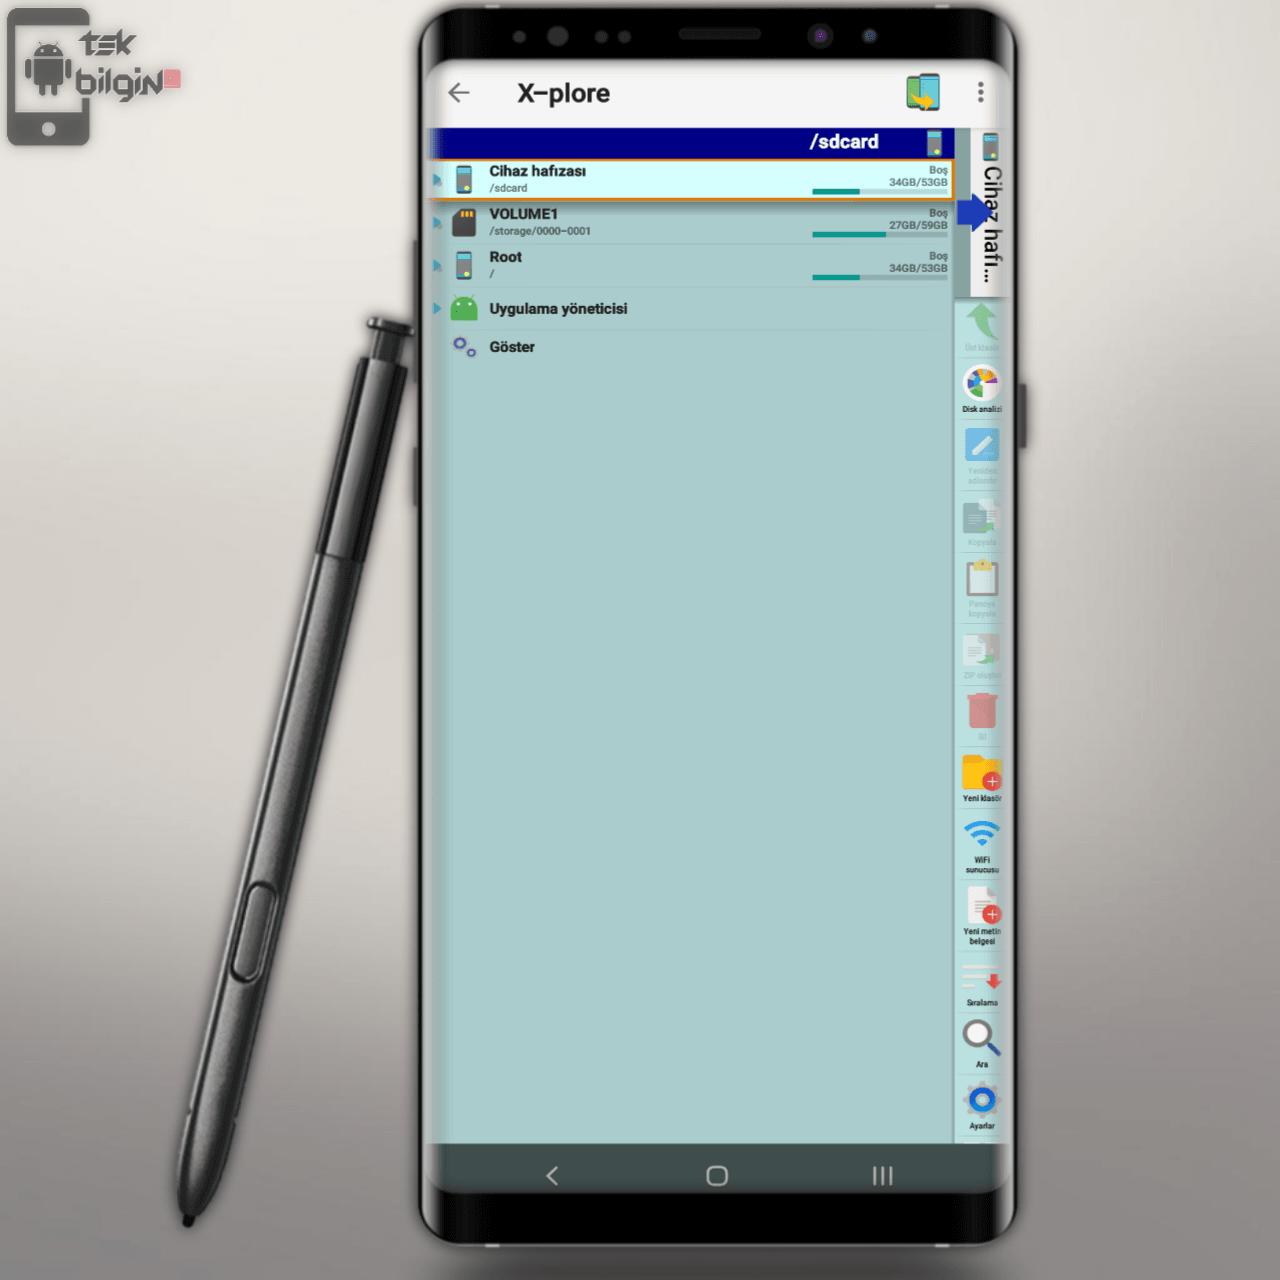 Android Cihazımda Kullandığım Uygulamalar | Dosya Yöneticisi Uygulaması  - X Plore 18